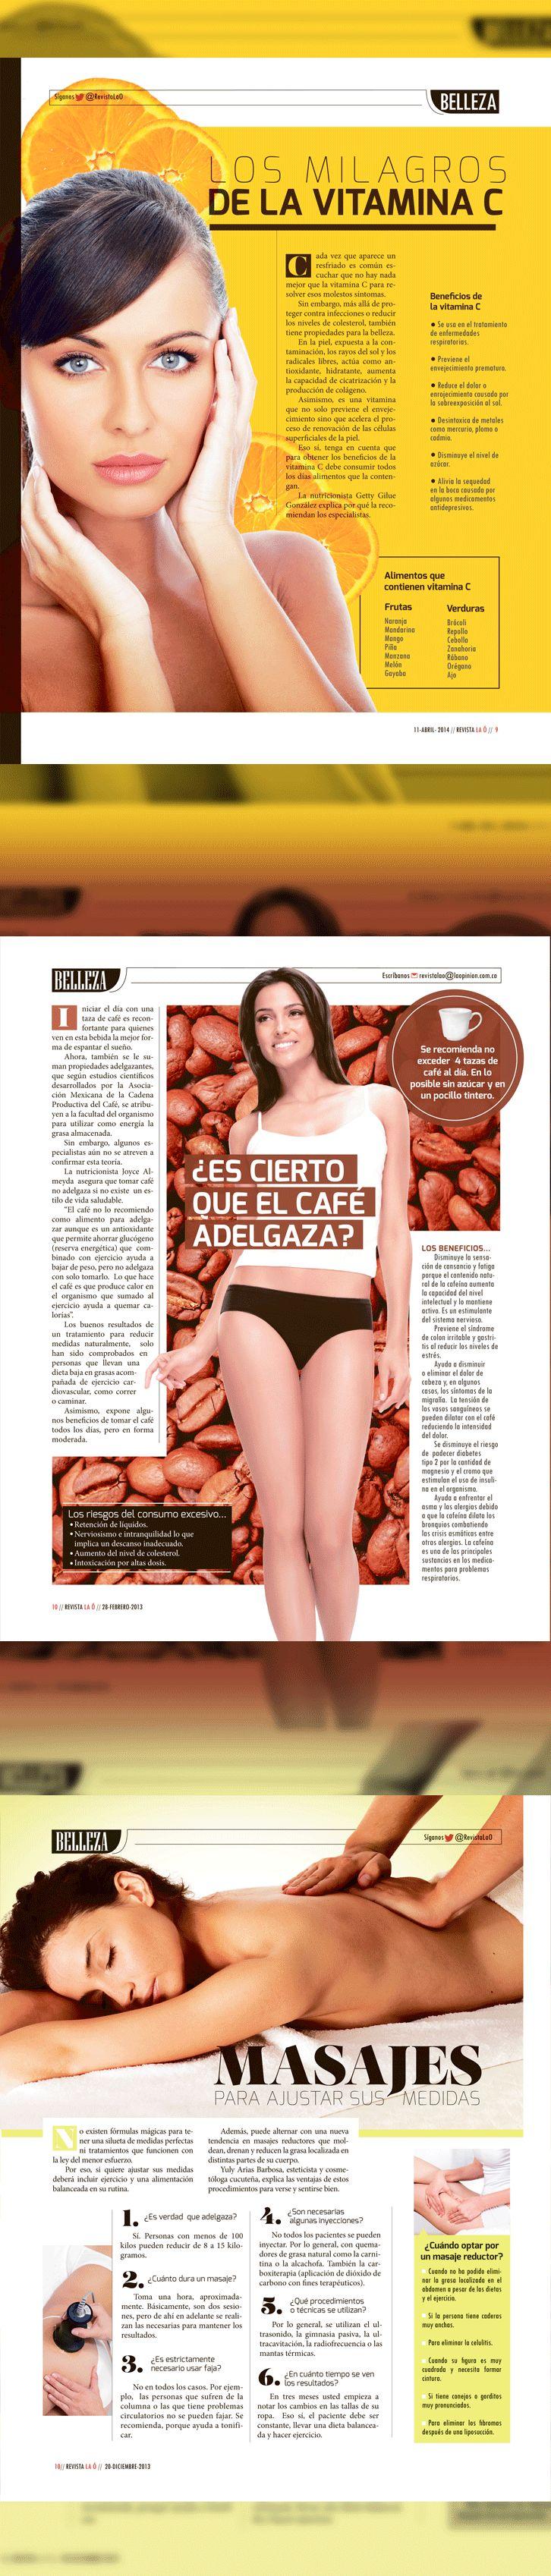 Diseño editorial // Revista: La Ó // Sección: Belleza instagram @carmarcusdesign